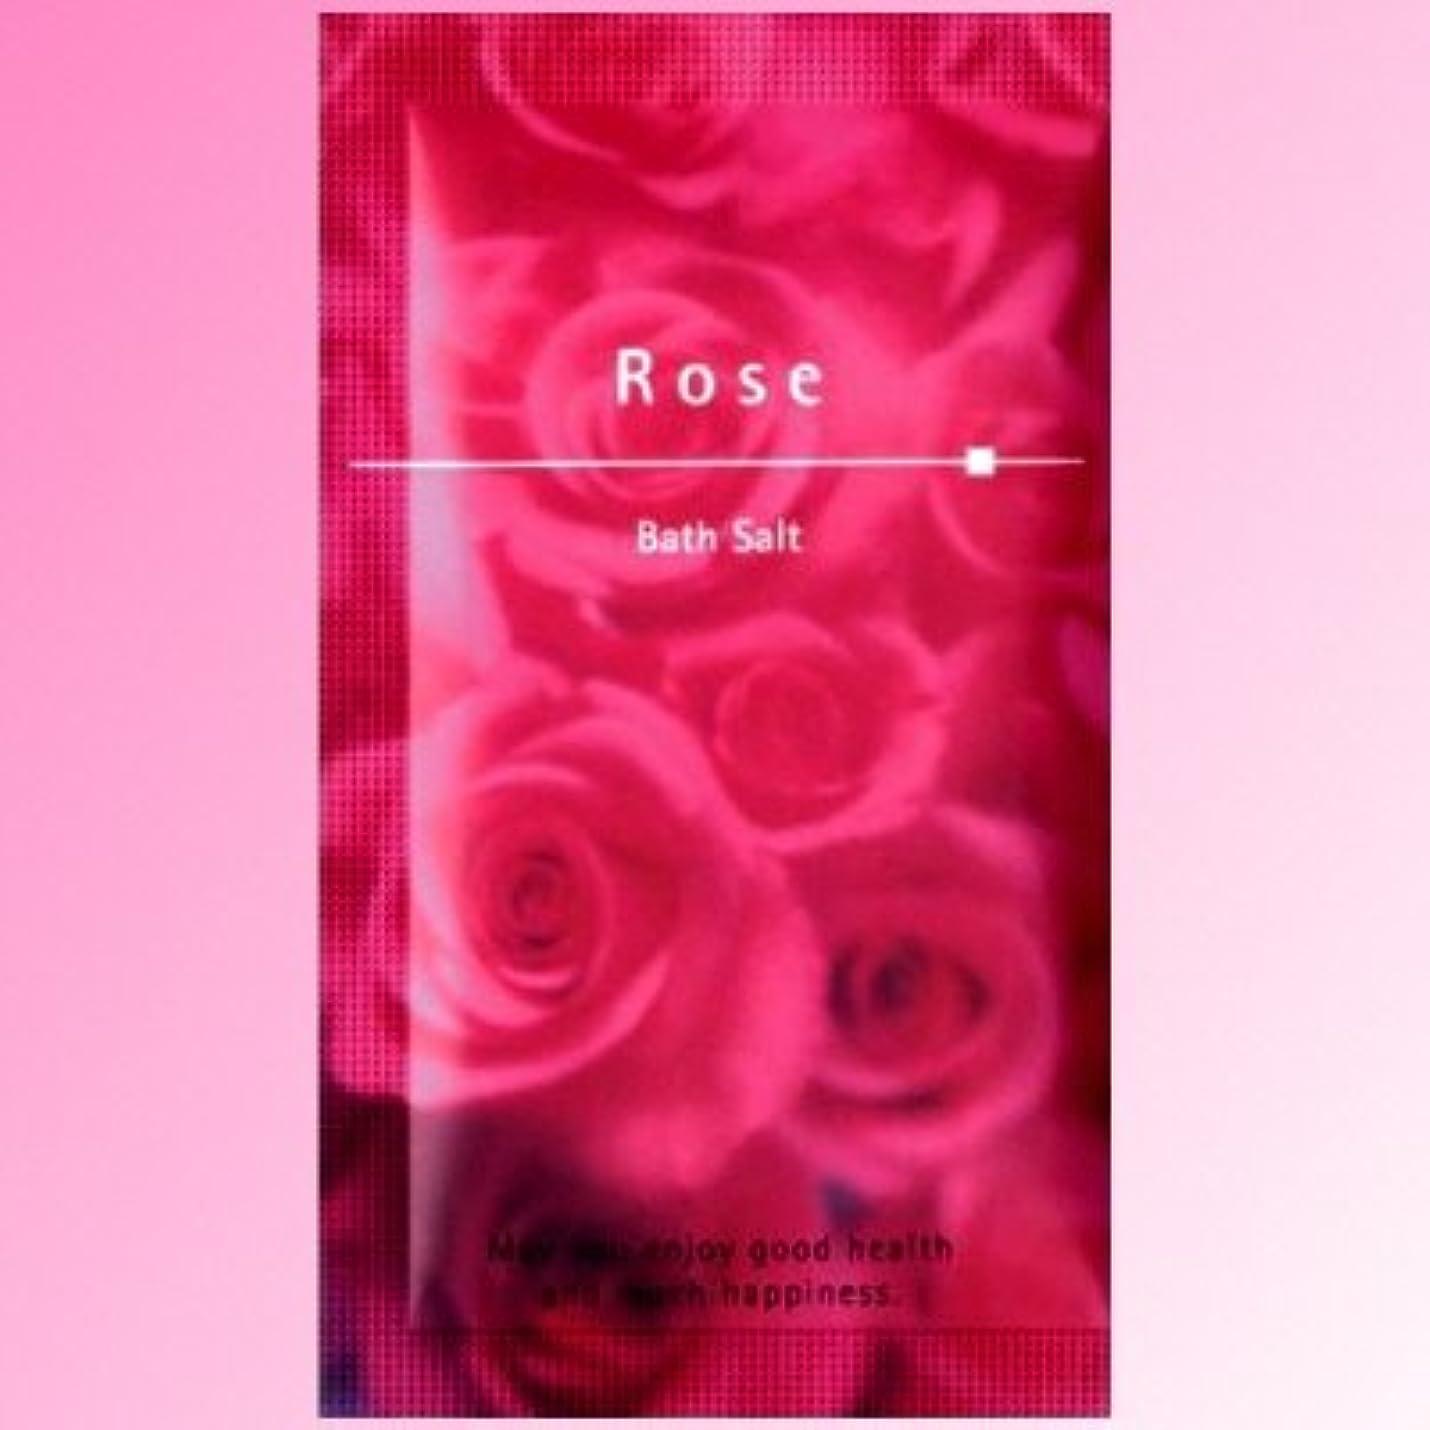 脚本家ターミナル囲い薔薇の香りの入浴剤 フレグラントガーデン ローズ